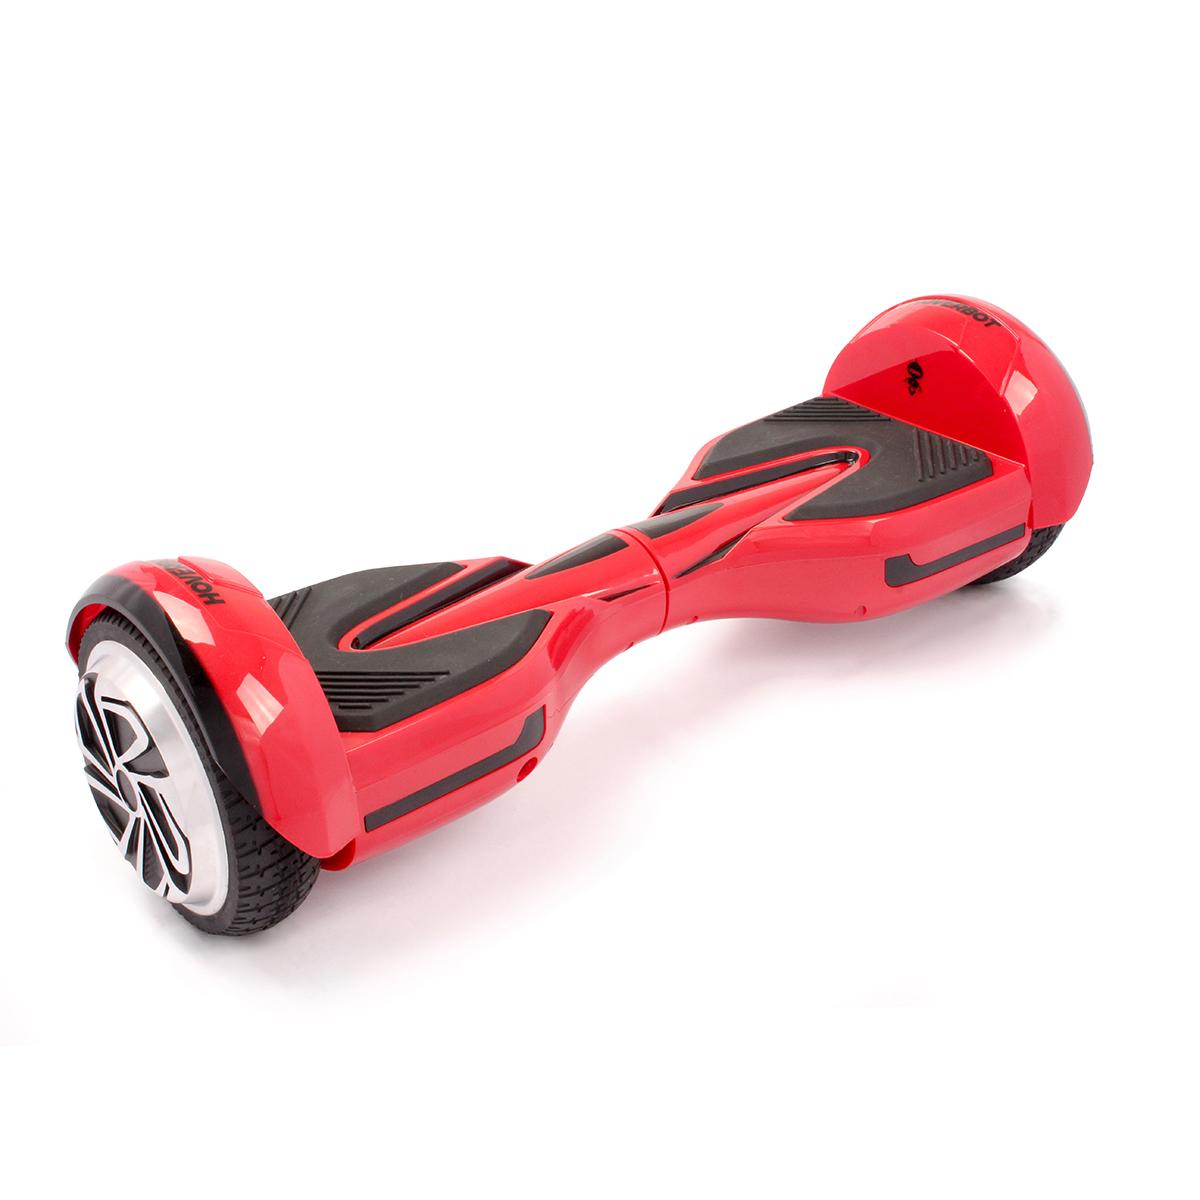 Гироскутер Hoverbot A-12 (H-2), цвет: красныйGA12RDГироскутер Hoverbot A12 имеет современный спортивный дизайн, который располагает к быстрой езде. Данная модель отлично подойдёт для опытных пользователей. Устройство по праву занимает одно из достойных мест в классе 6,5 колёс. Имея большой запас хода и мощный мотор (2х400W) Hoverbot A12, бесшумно преодолевает расстояние в 15 км на одном заряде батареи. Хорошее сцепление с дорогой и устойчивый ход борда A12 позволяет опытным райдерам быстро набирать скорость и успешно маневрировать даже в самых экстремальных ситуациях. Покупая Hoverbot A12 вы покупаете не только средство для развлечения, но и универсальное средство передвижения, которое можно легко брать с собой в дорогу, поскольку он компактен и помещается в любую машину. Благодаря своему небольшому весу (10 кг) вы легко можете взять его в руки за центральную часть борда и перенести через препятствие, продолжить свой путь в автобусе, либо в метро. Hoverbot А12 оснащён передними ходовыми огнями и габаритами сзади. Вся подсветка...